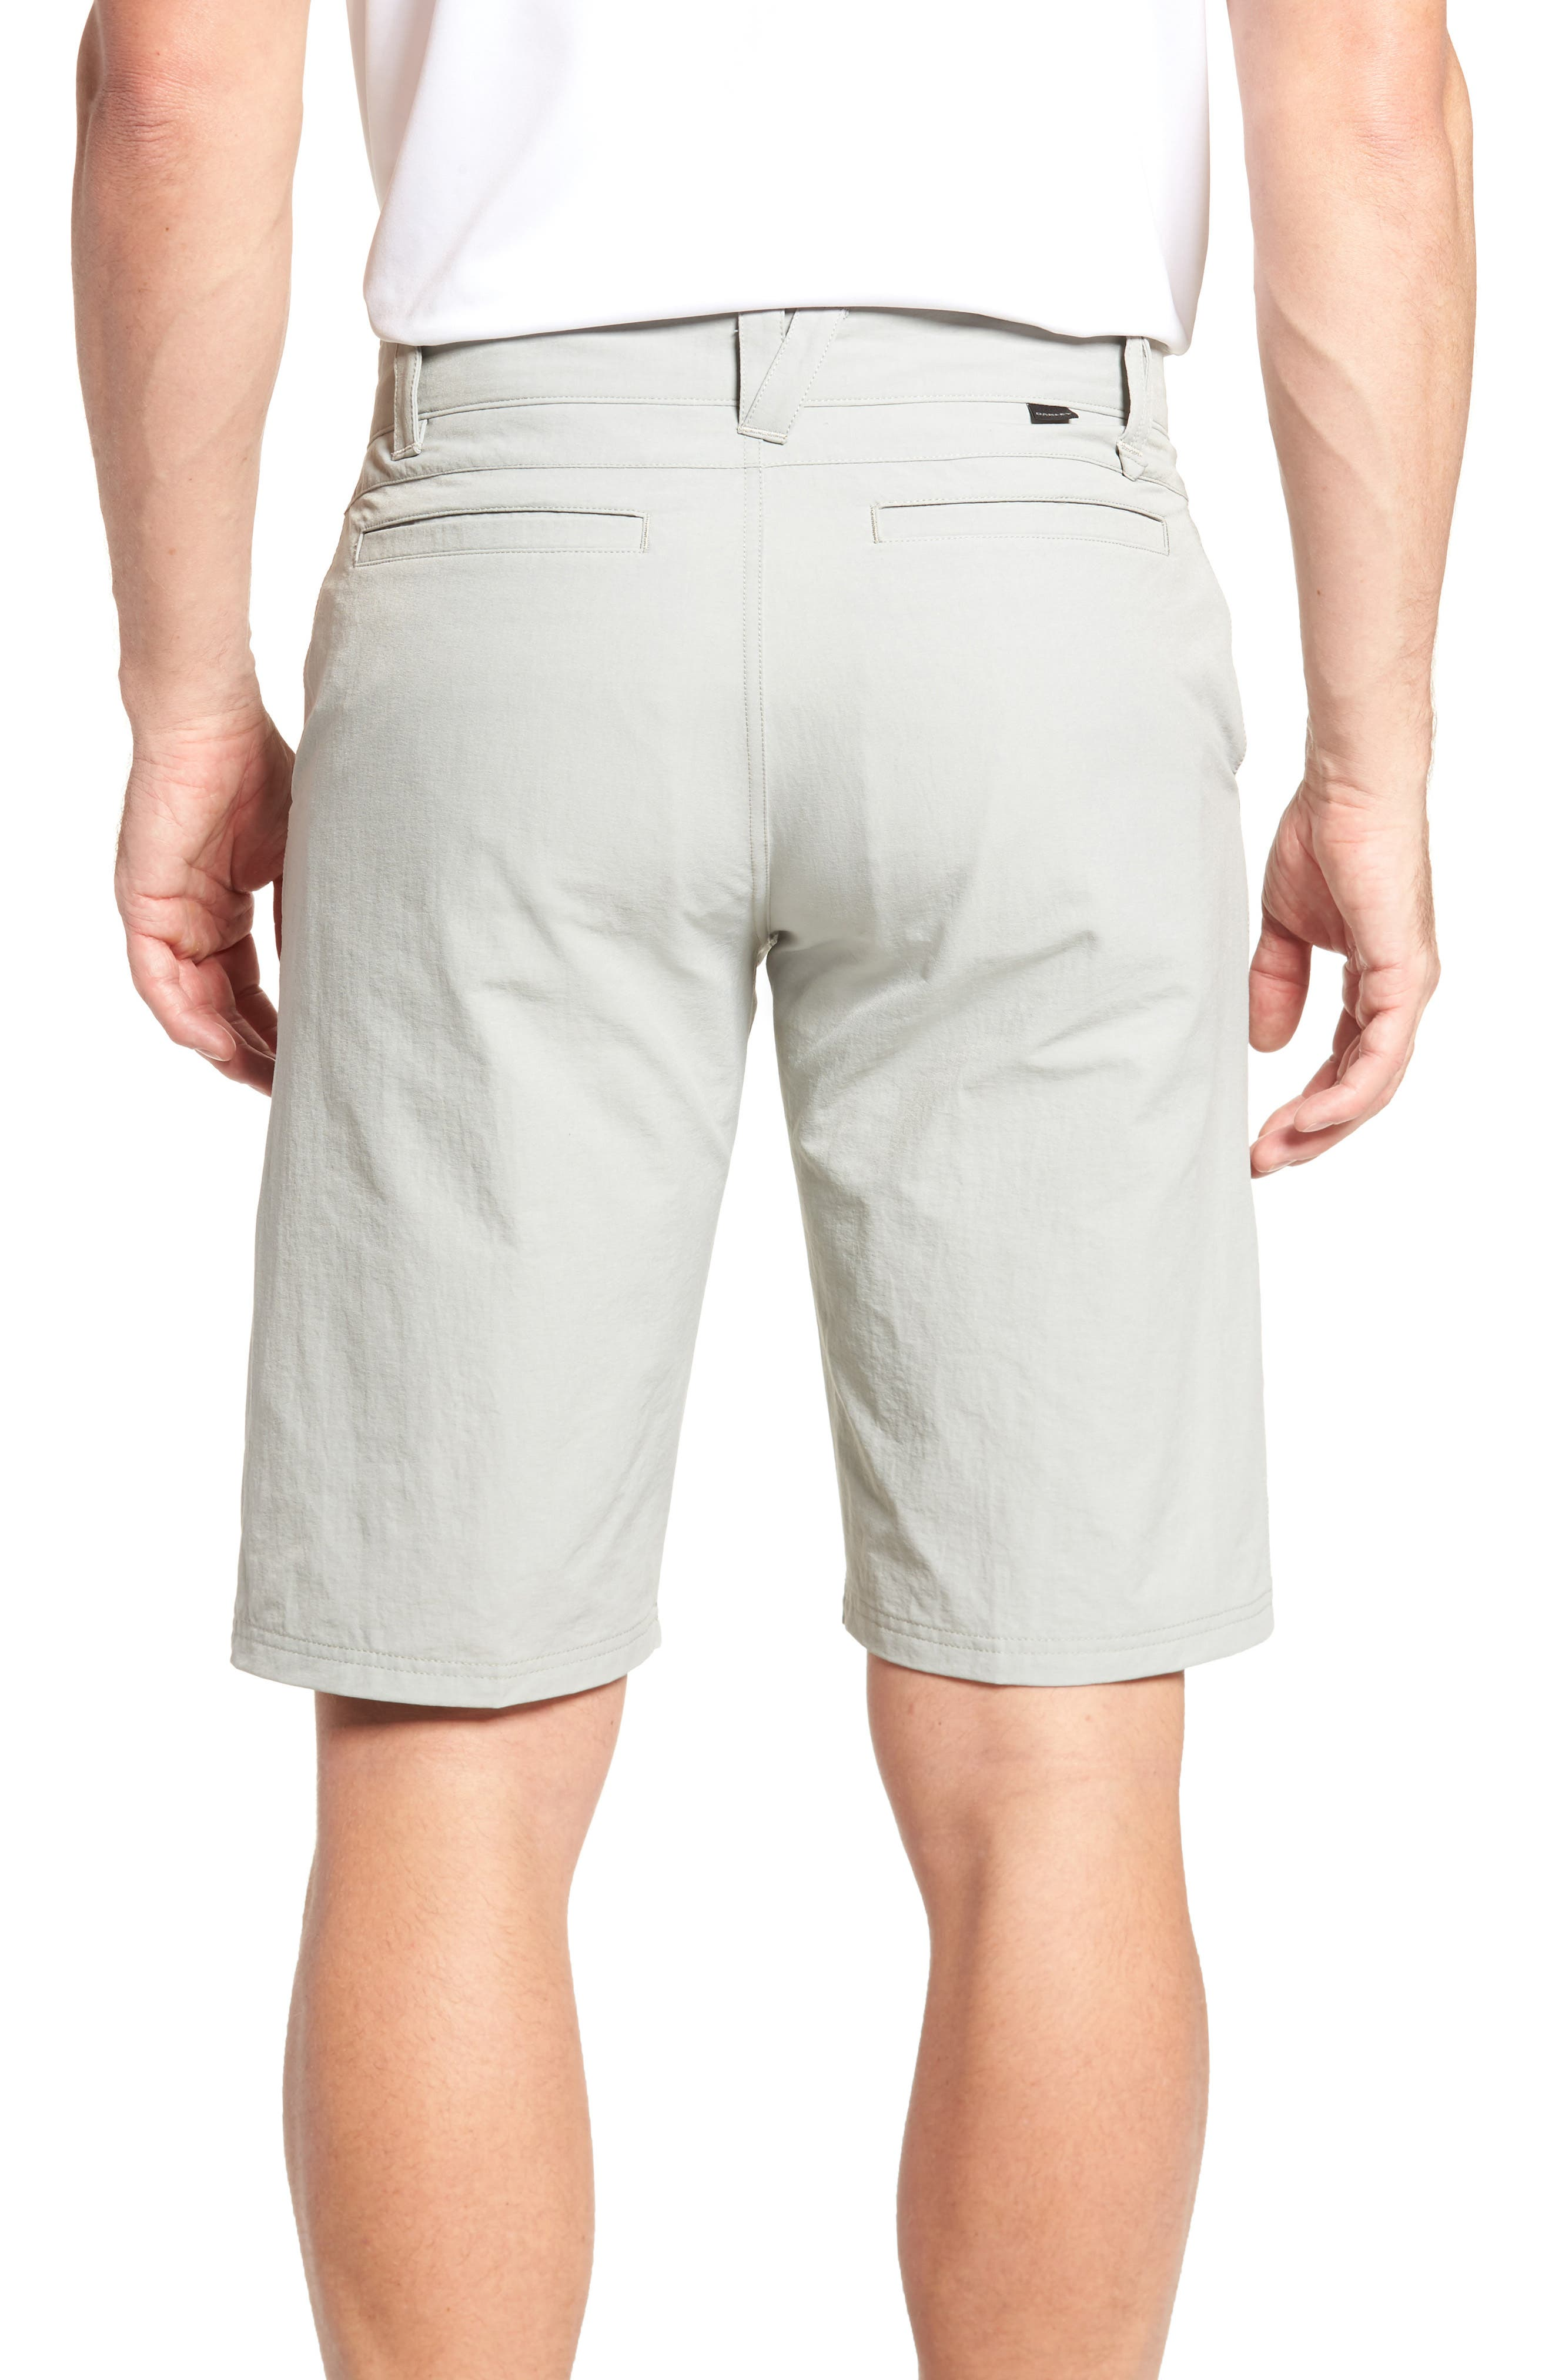 Take 2.5 Shorts,                             Alternate thumbnail 3, color,